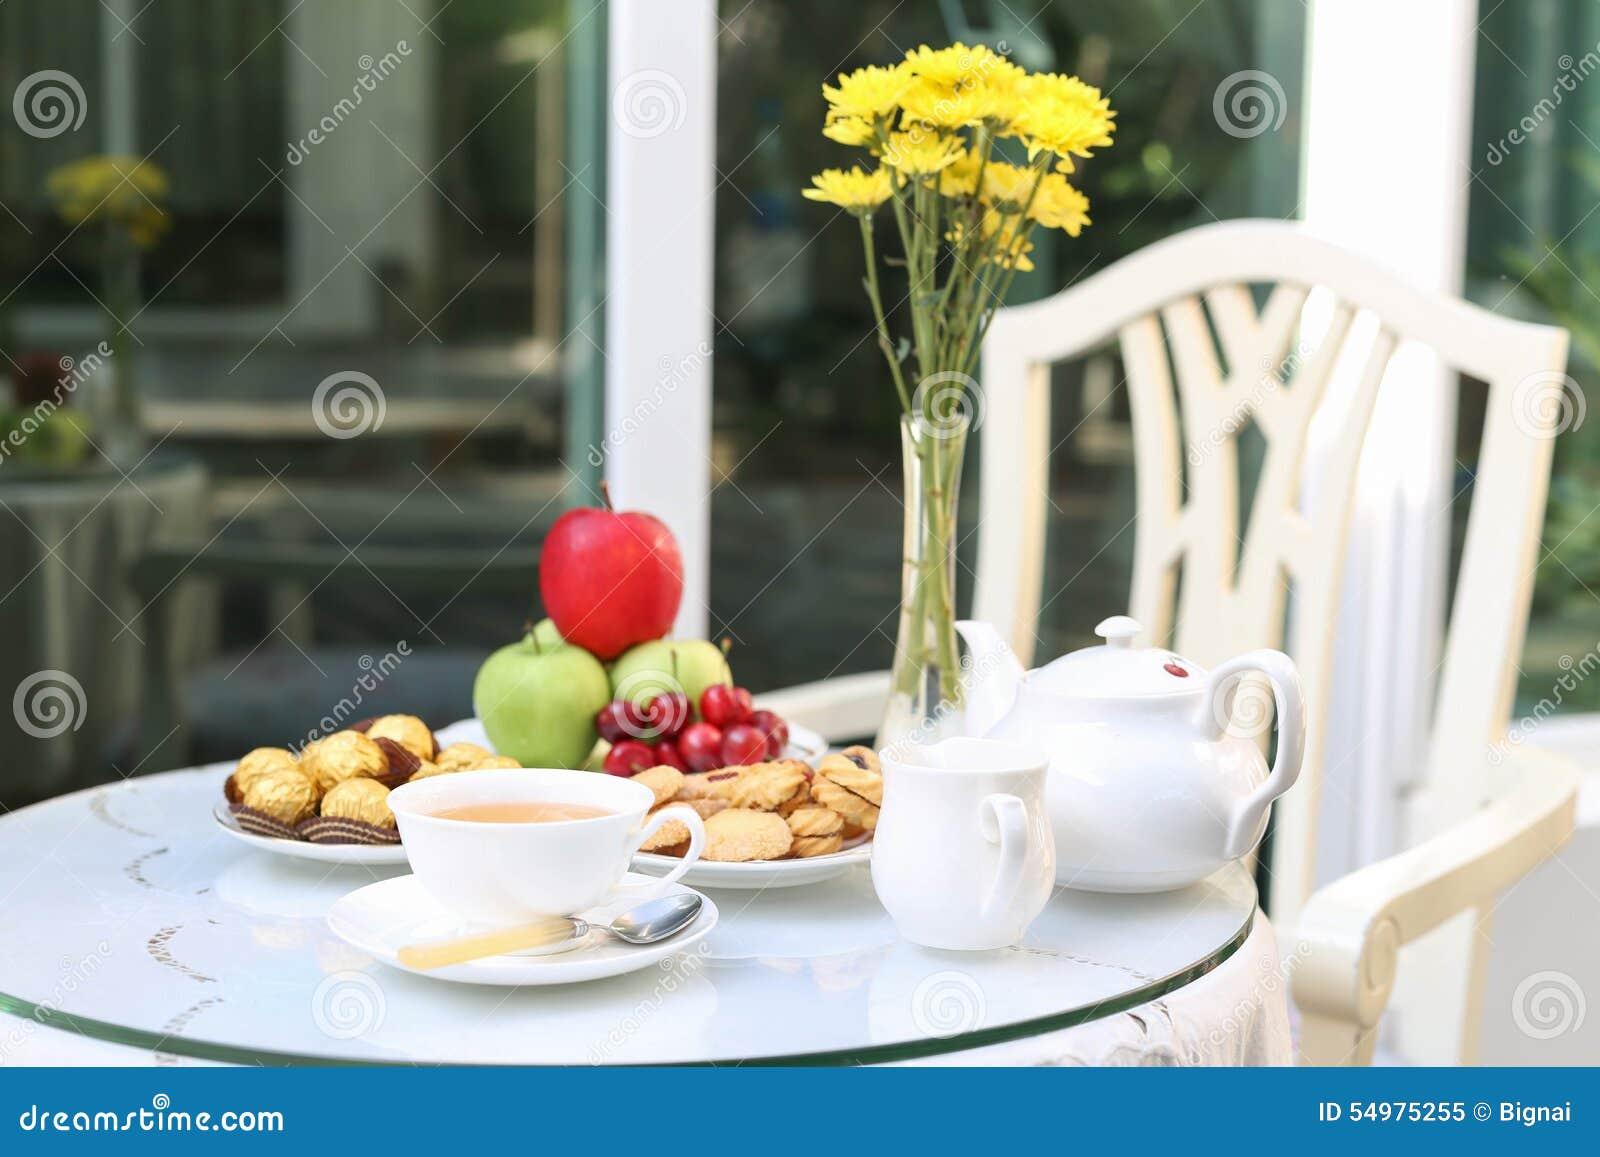 Tetid med choklad och kakor eller kex och frukt